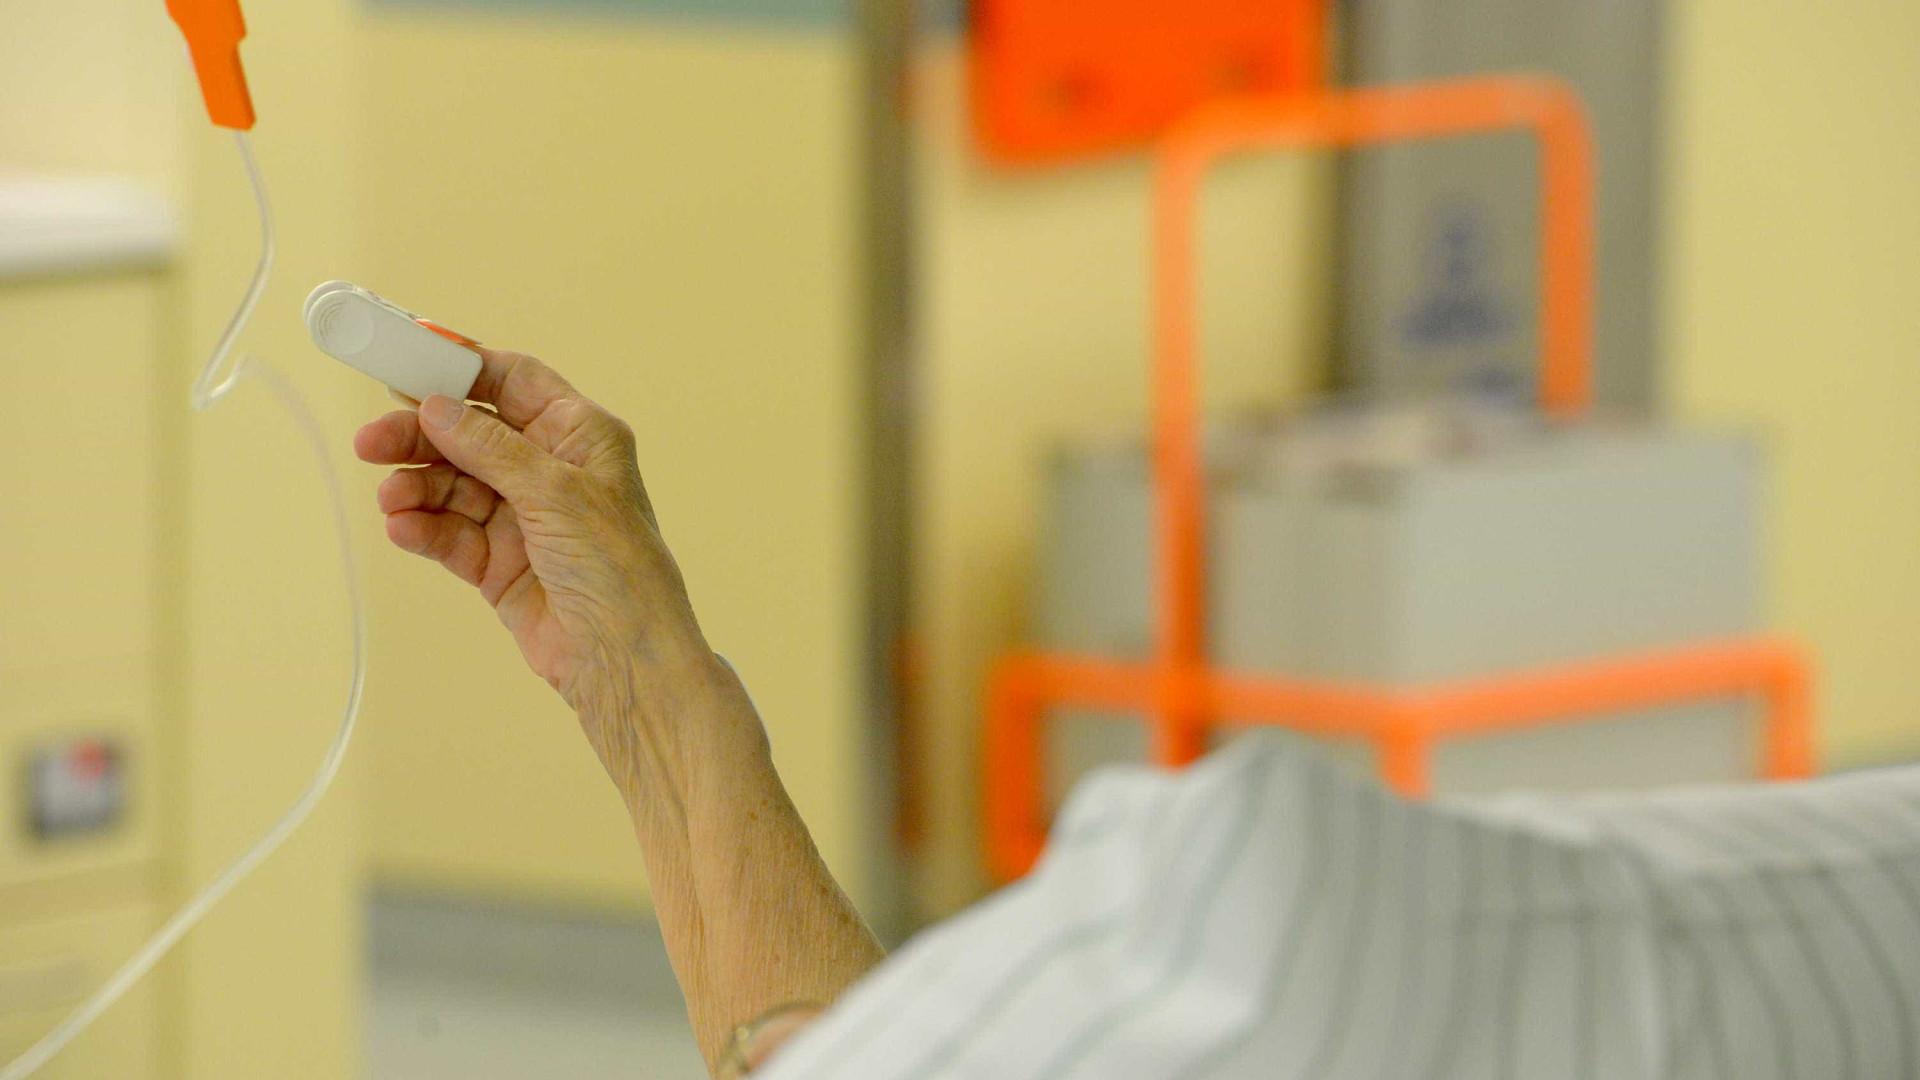 Orçamento do Estado deve atribuir mais dinheiro para a cura do cancro